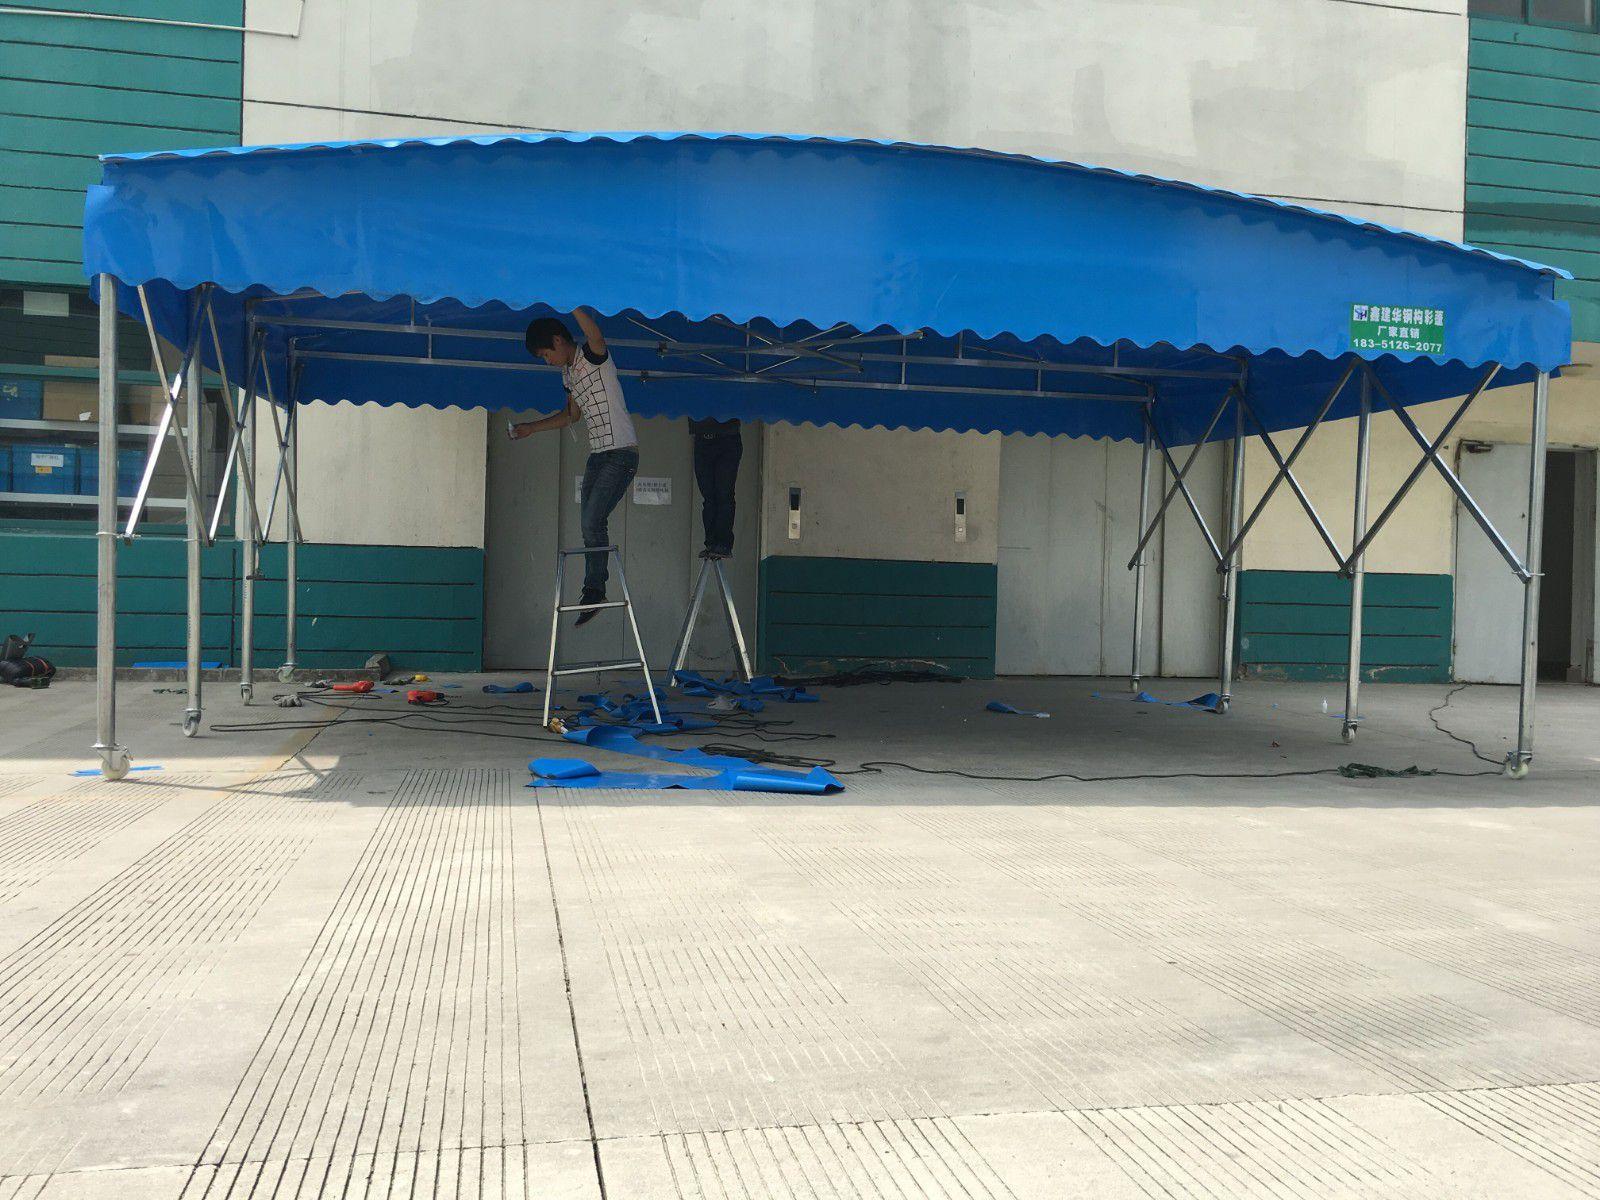 和田推拉遮阳棚企业产品